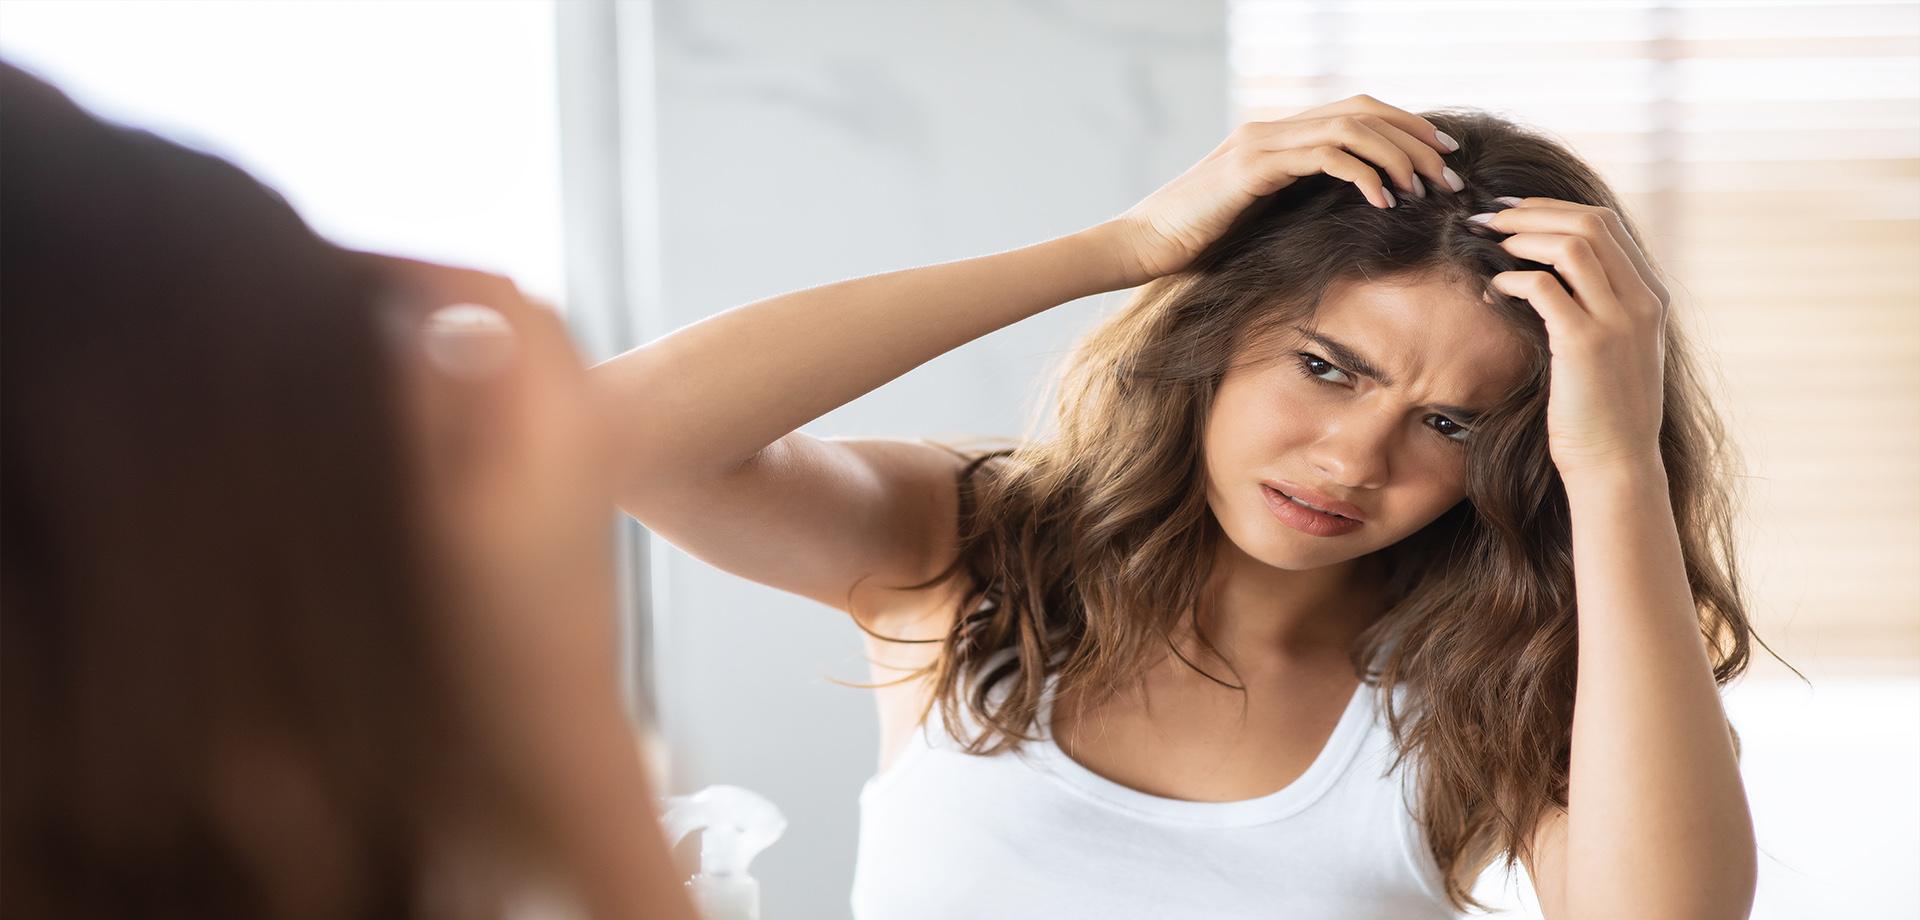 Dermatitis seborreica en el cuero cabelludo